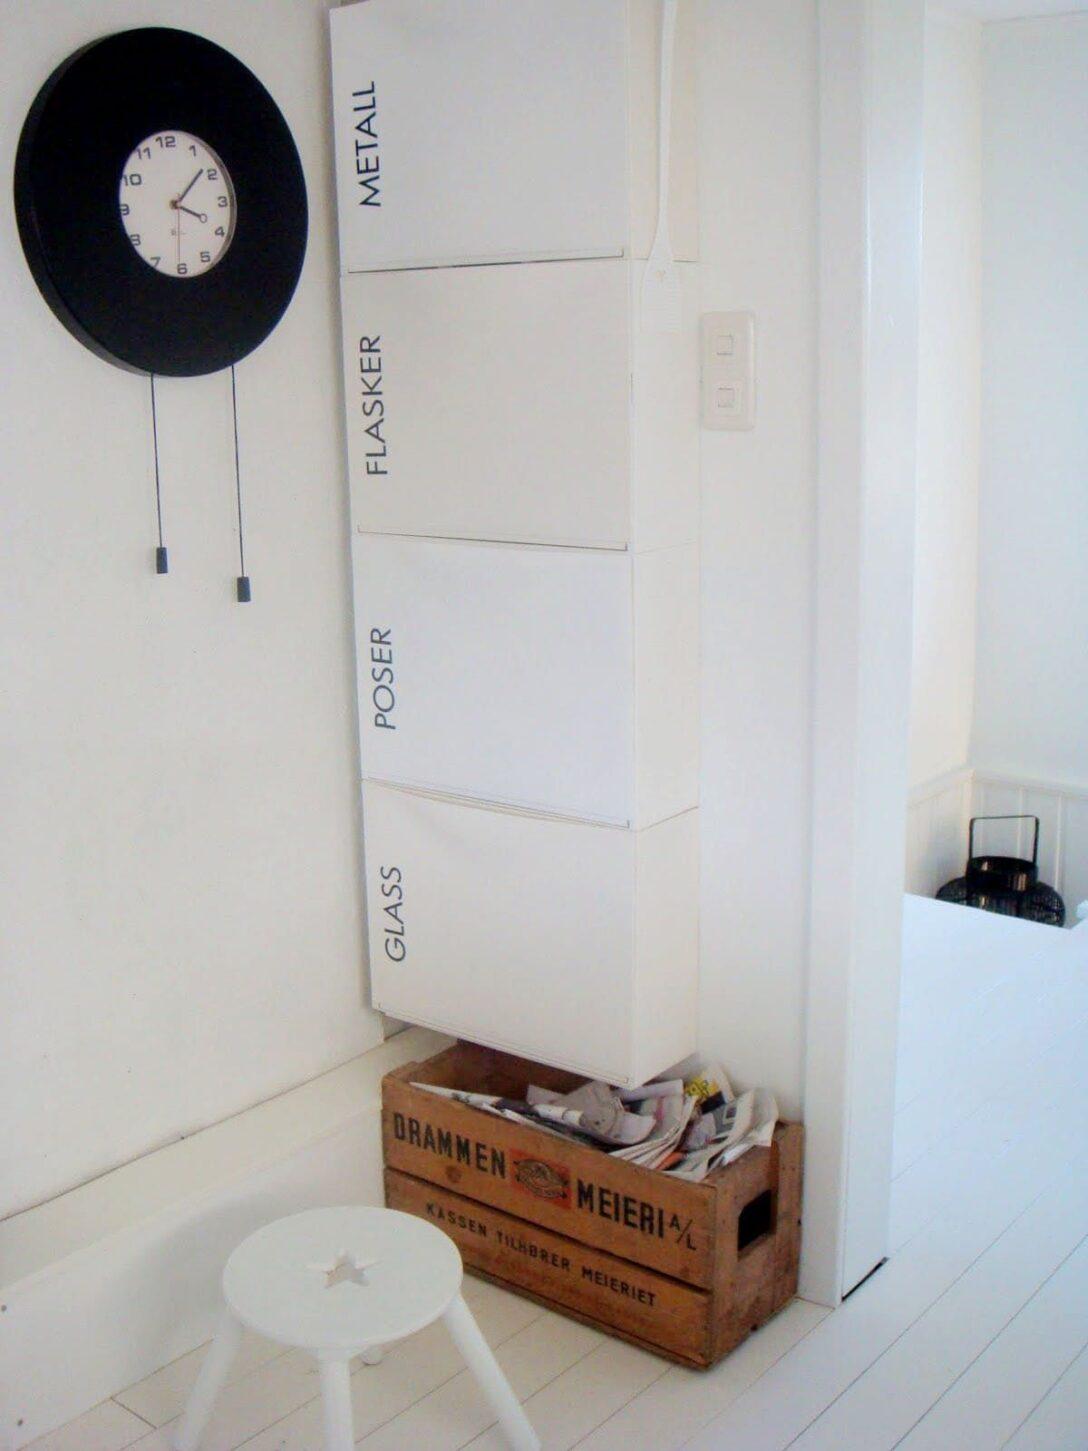 Large Size of Use Ikea Trones Storage Boin Every Room Of The House Abfallbehälter Küche Kosten Modulküche Miniküche Betten 160x200 Kaufen Bei Sofa Mit Schlaffunktion Wohnzimmer Abfallbehälter Ikea